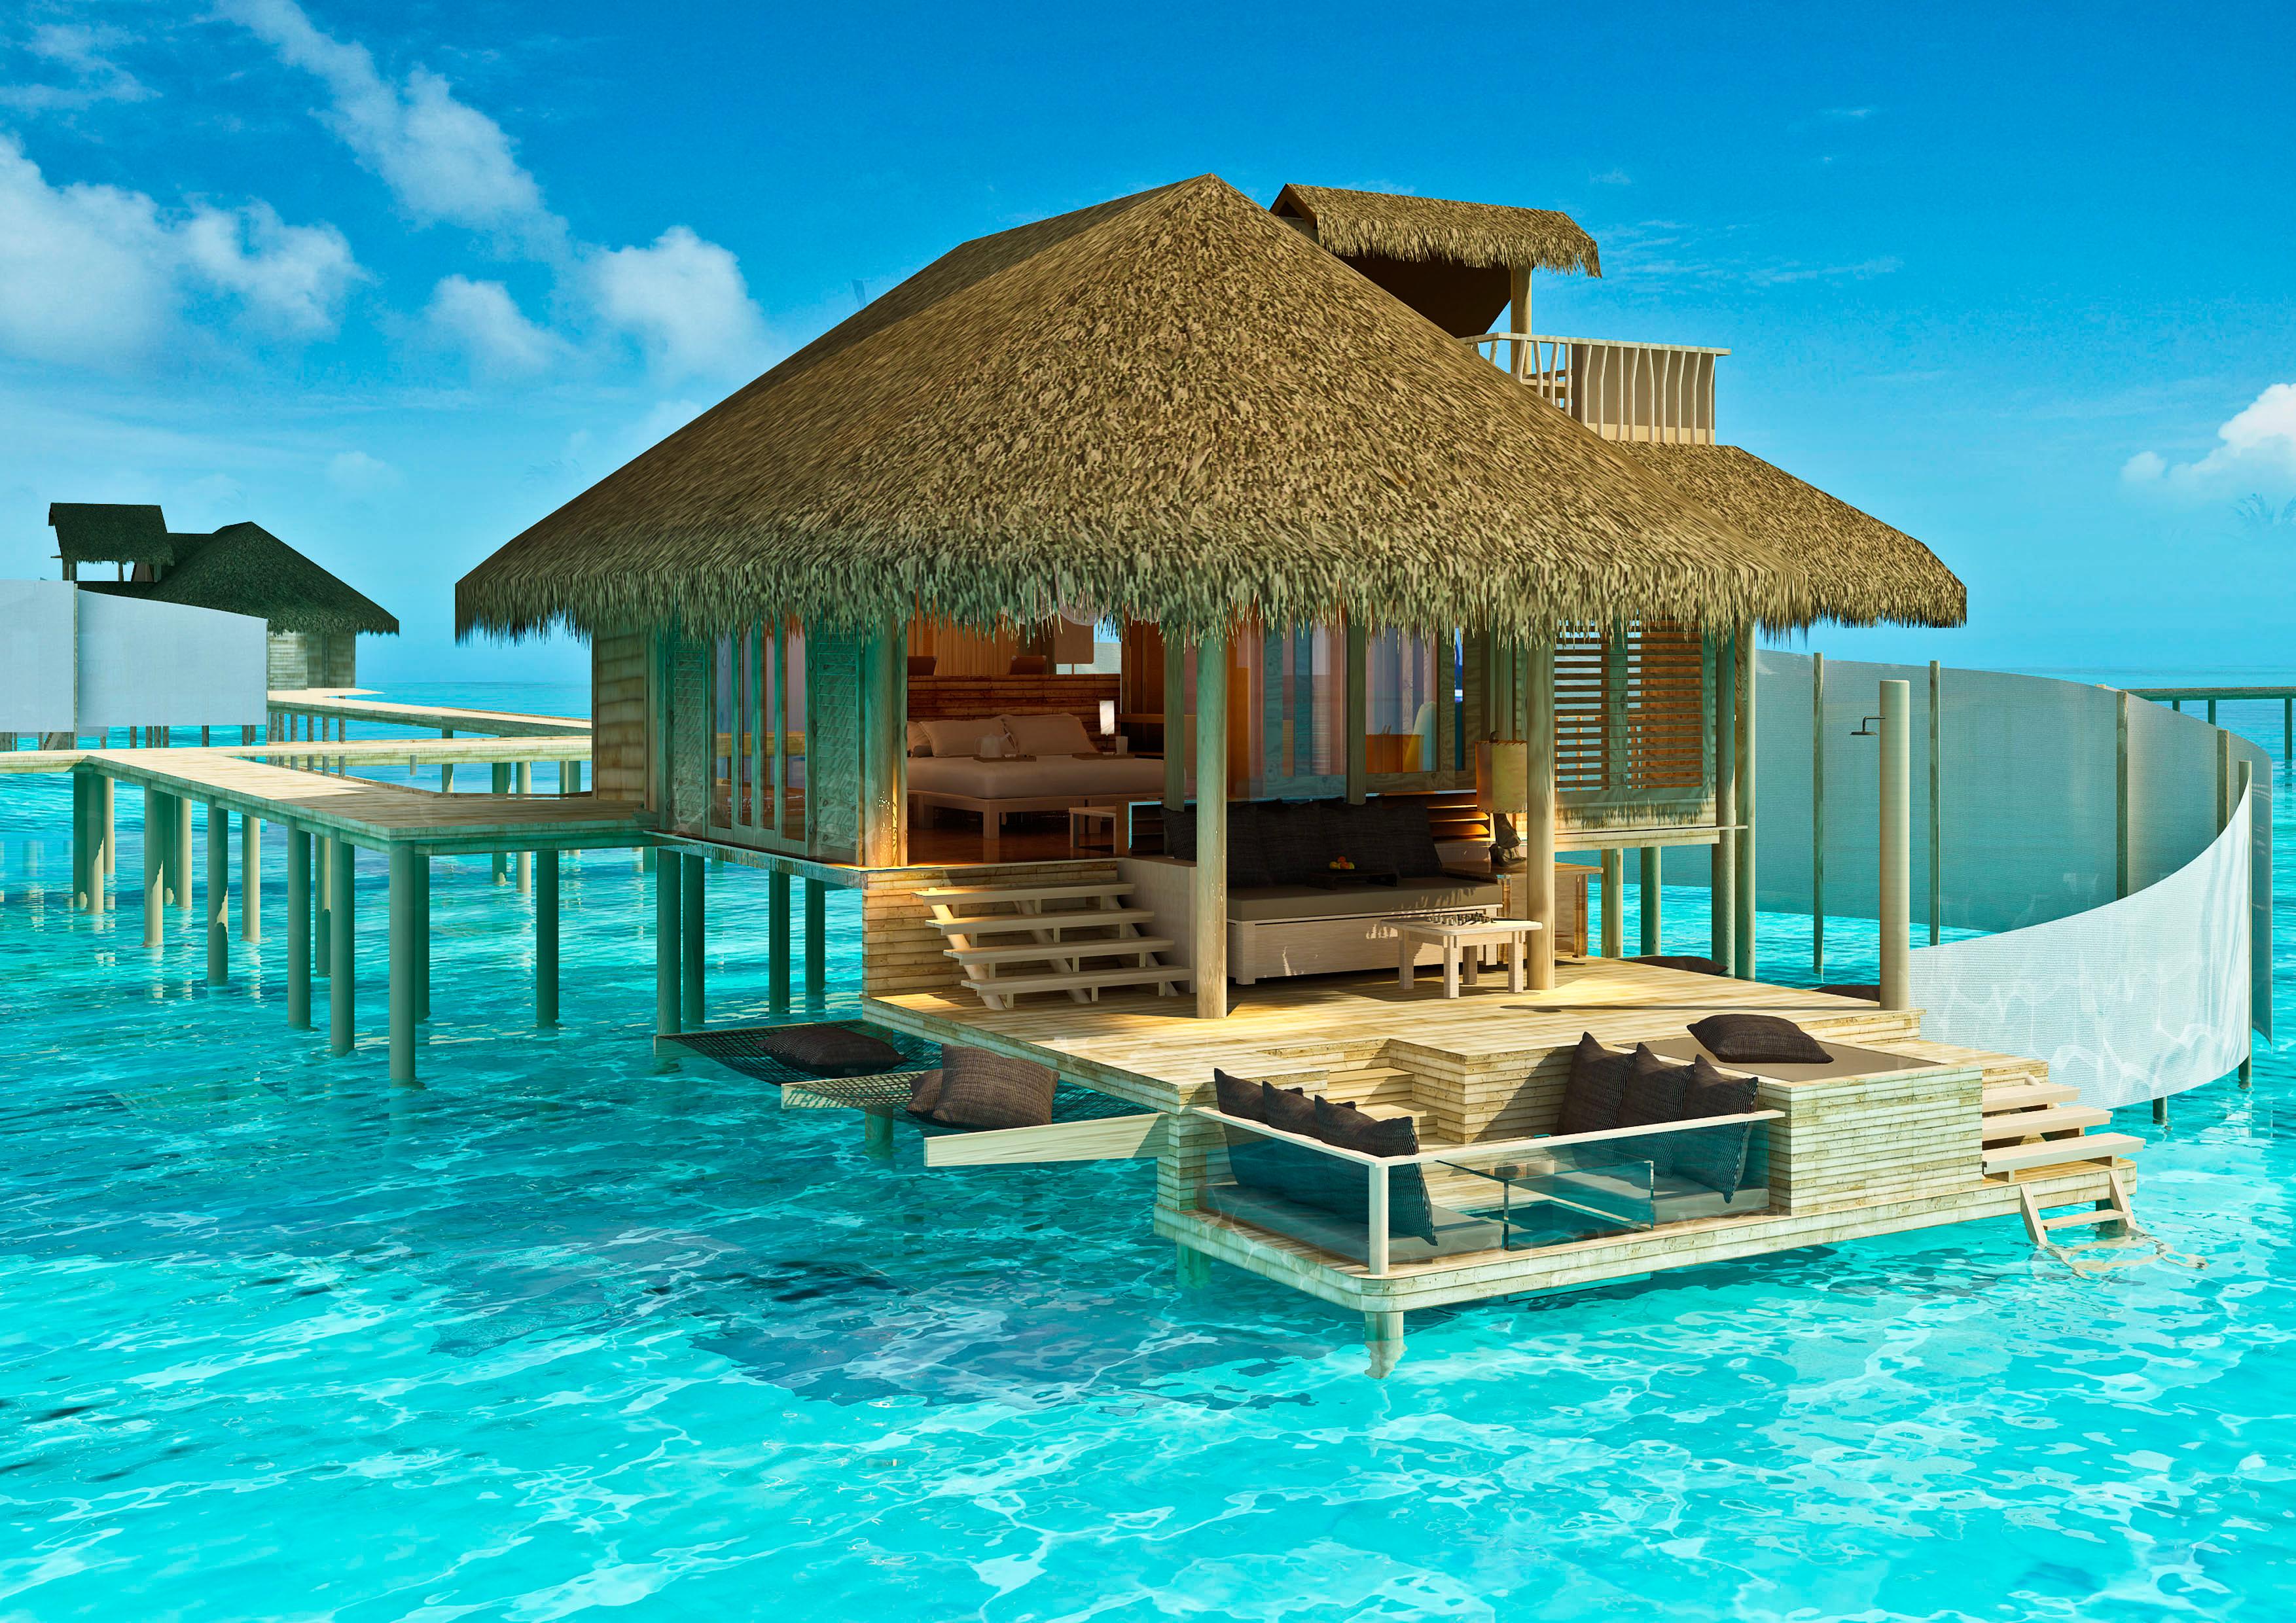 теремок напомнит самые красивые фото с океаном пляжем бунгало парк, купол это